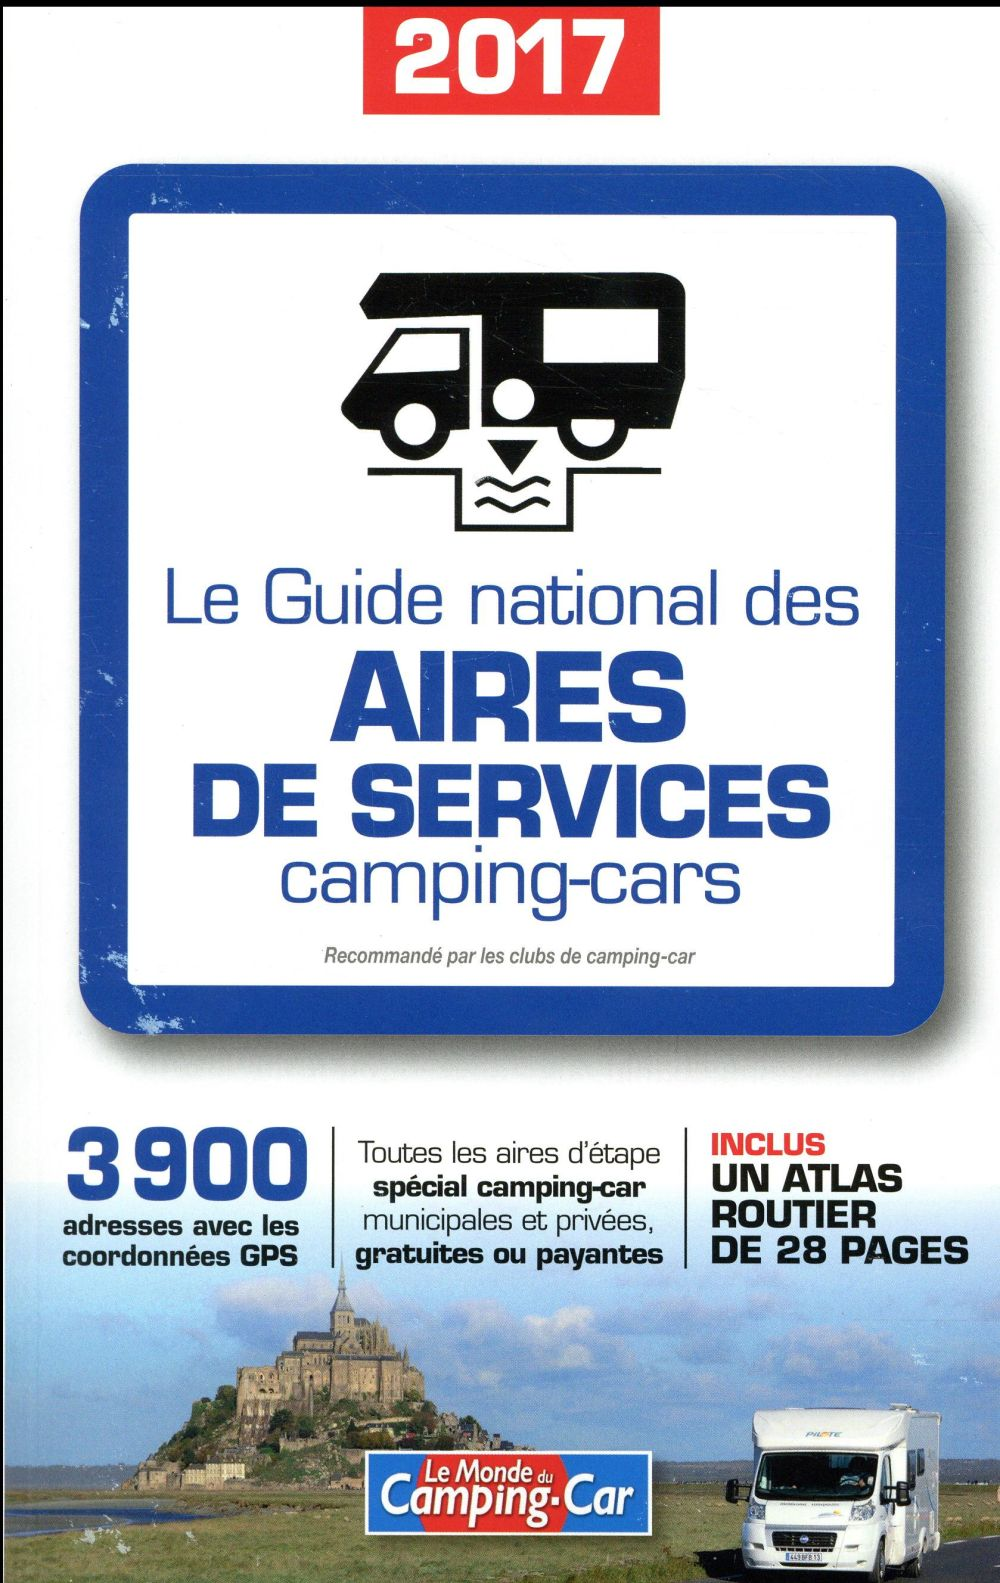 Guide national des aires de services camping car (édition 2017)